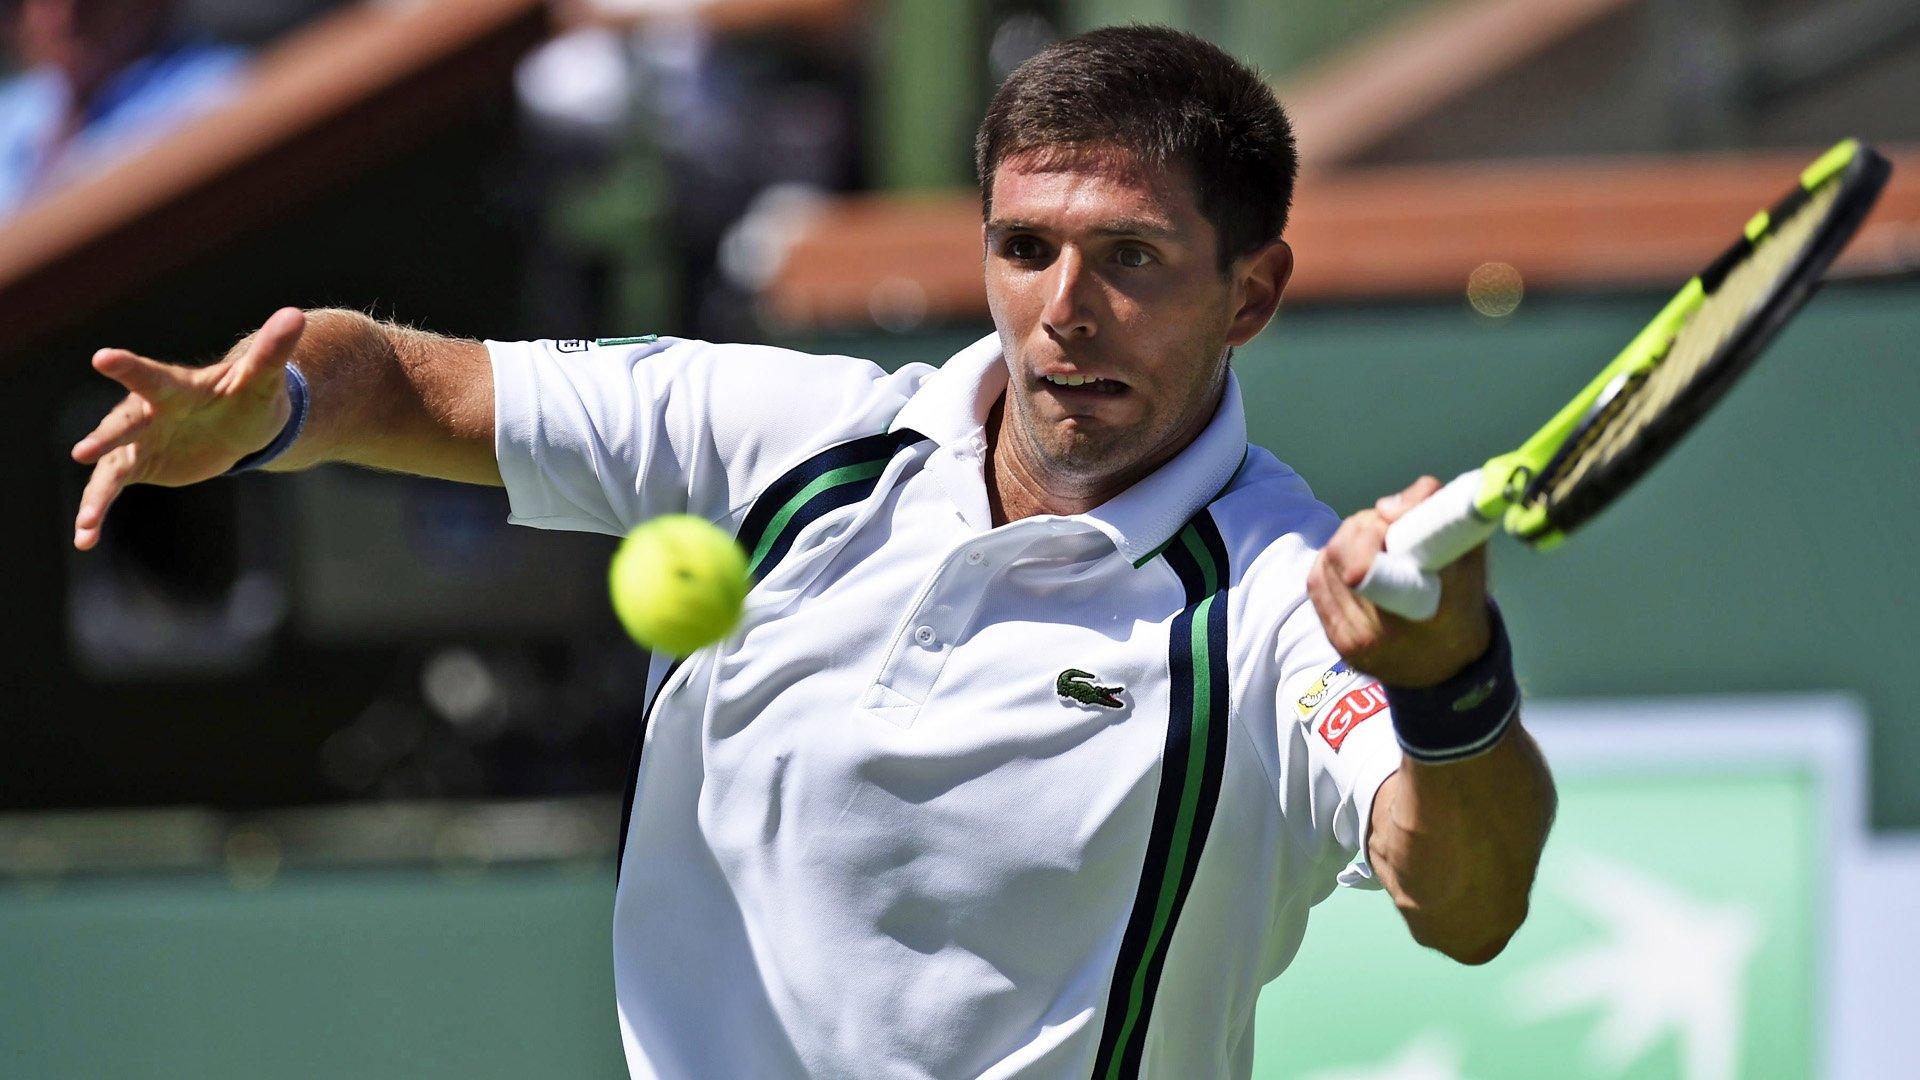 El argentino Federico Delbonis (53° del mundo) dio el gran batacazo de la jornada del Masters de Indian Wells al derrotar al británico Andy Murray, número dos del ranking, por 6-4, 4-6 y 7-6 (3)